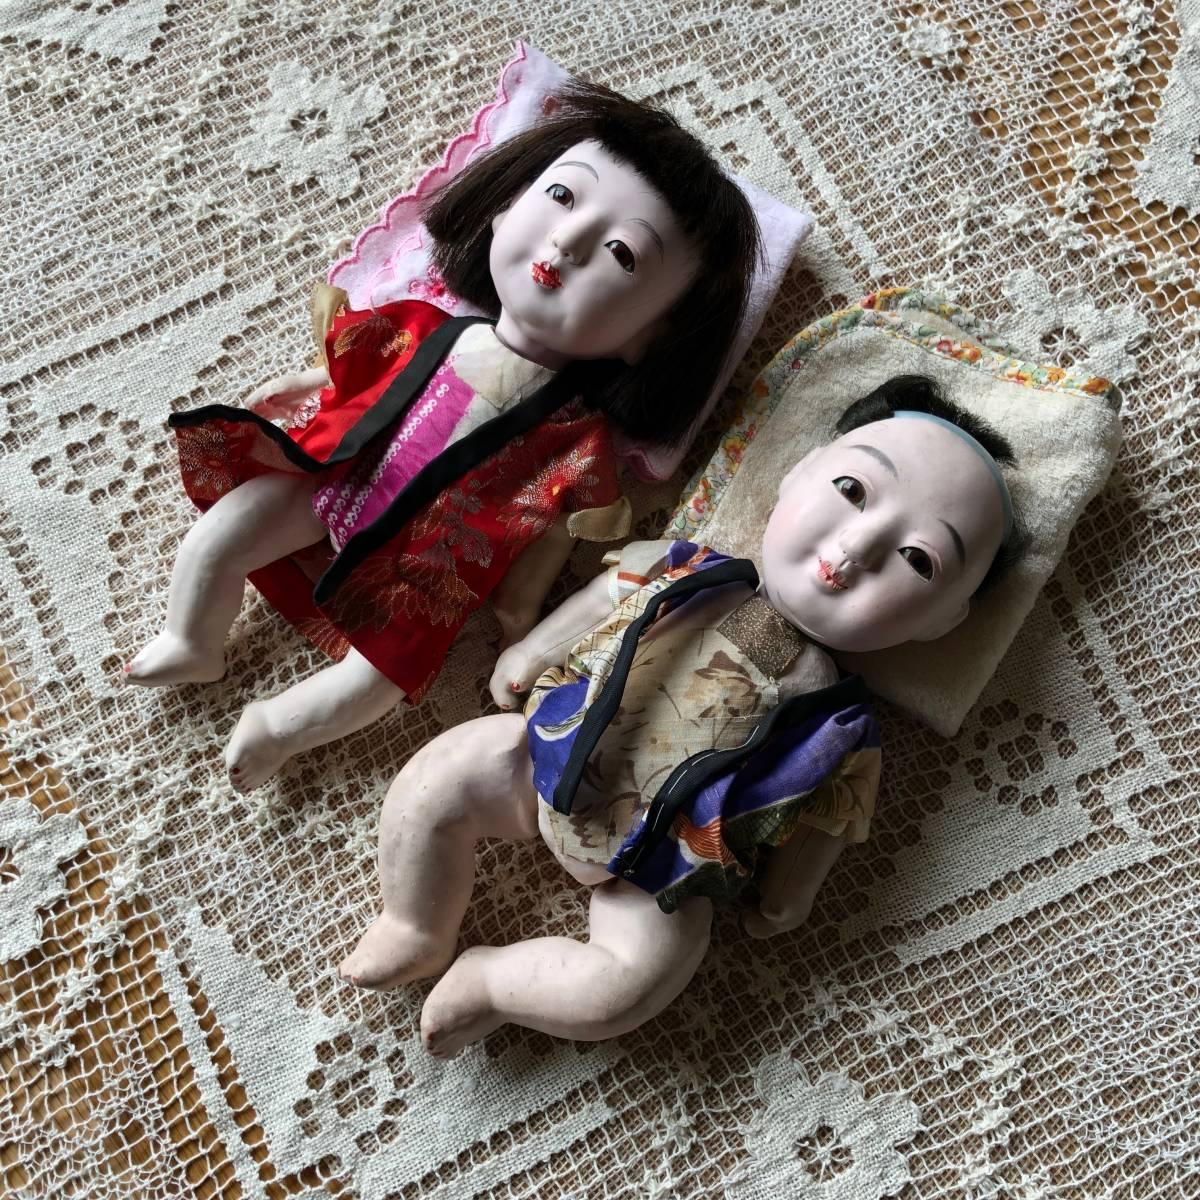 時代物 日本人形 2体セット☆ 男の子 女の子 29cm 26cm 羽織り丁髷おかっぱ 大正昭和初期戦前 古い抱き人形 アンティーク 骨董 当時物